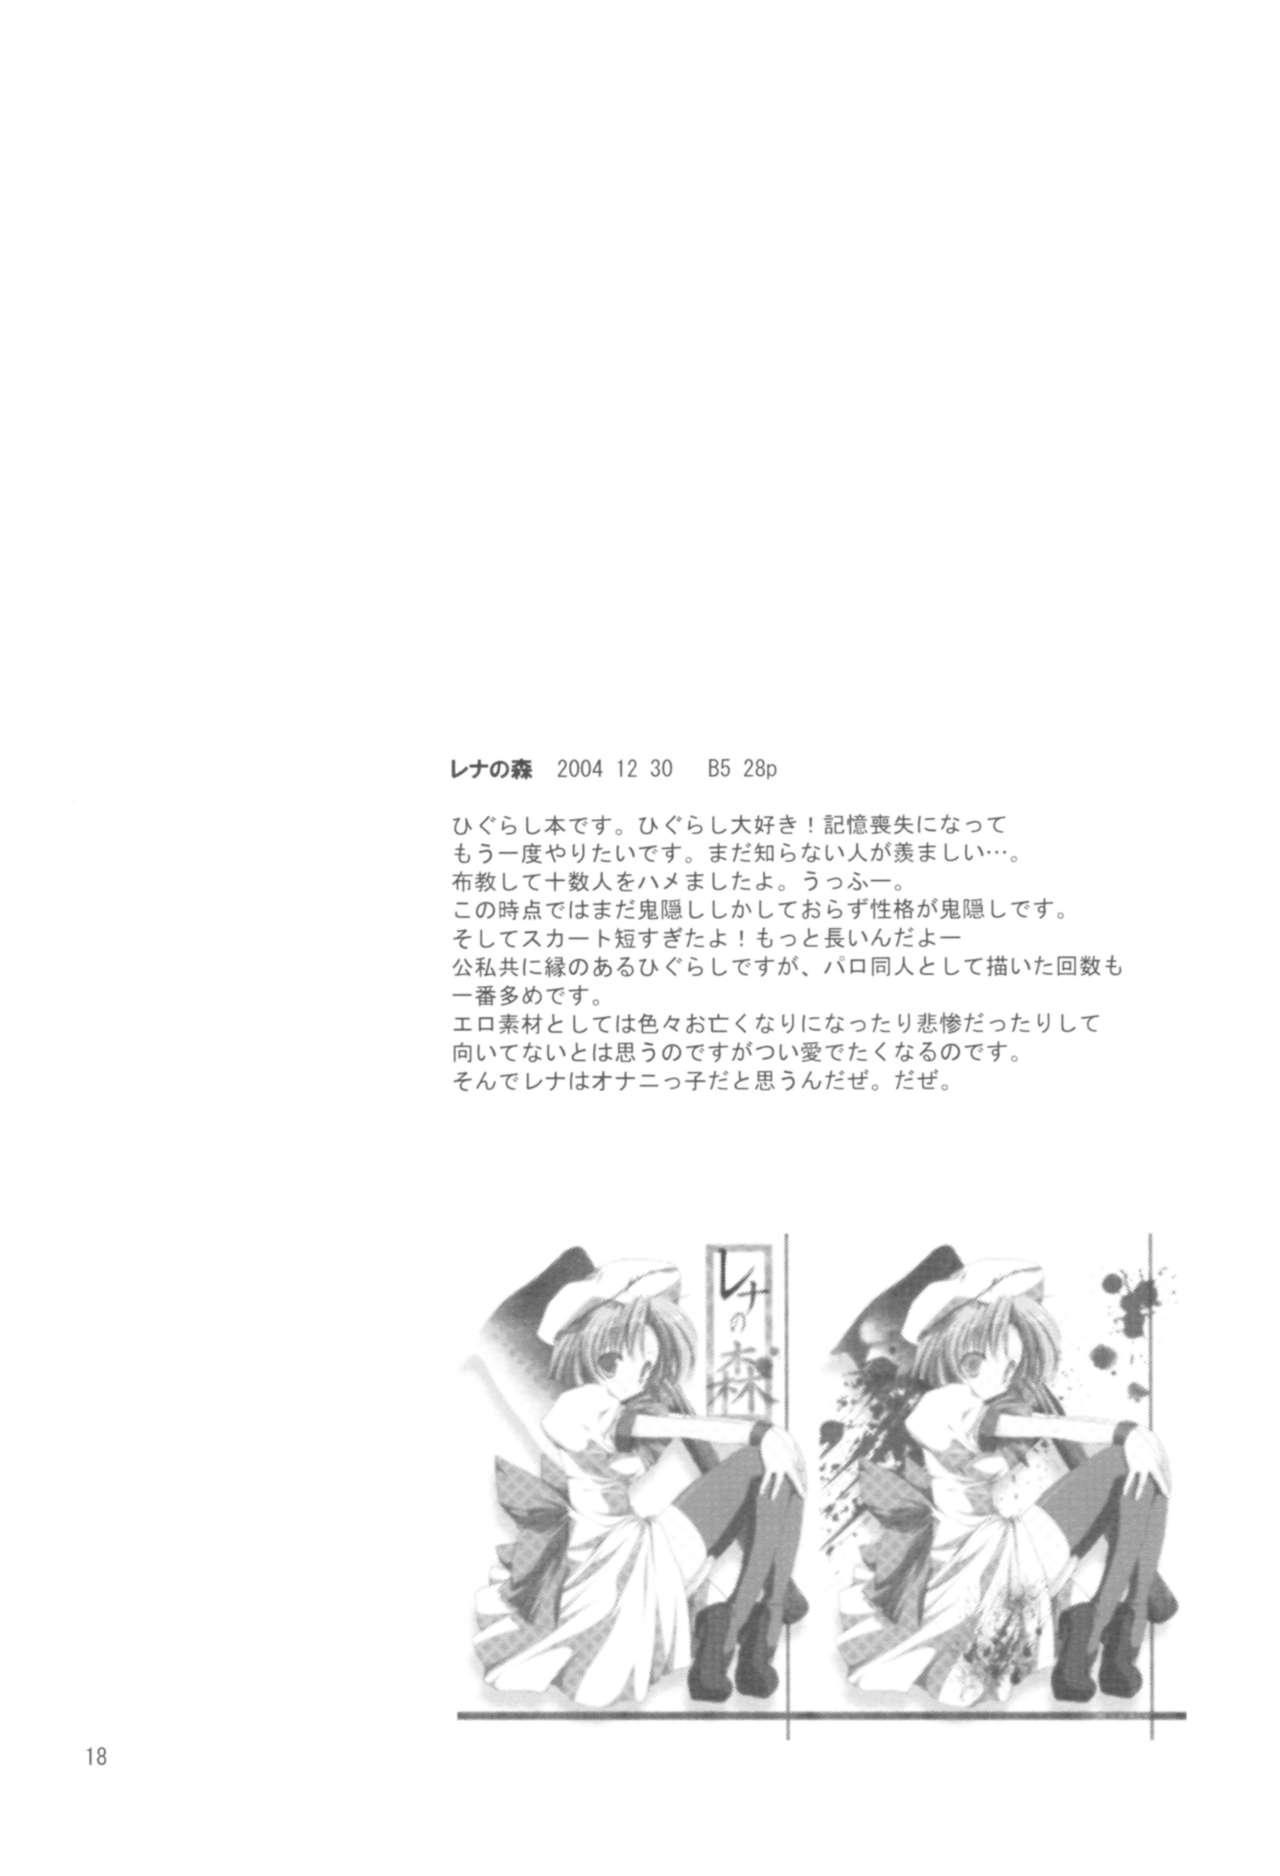 Naedoko Ikusei Kansatsu Kiroku 17